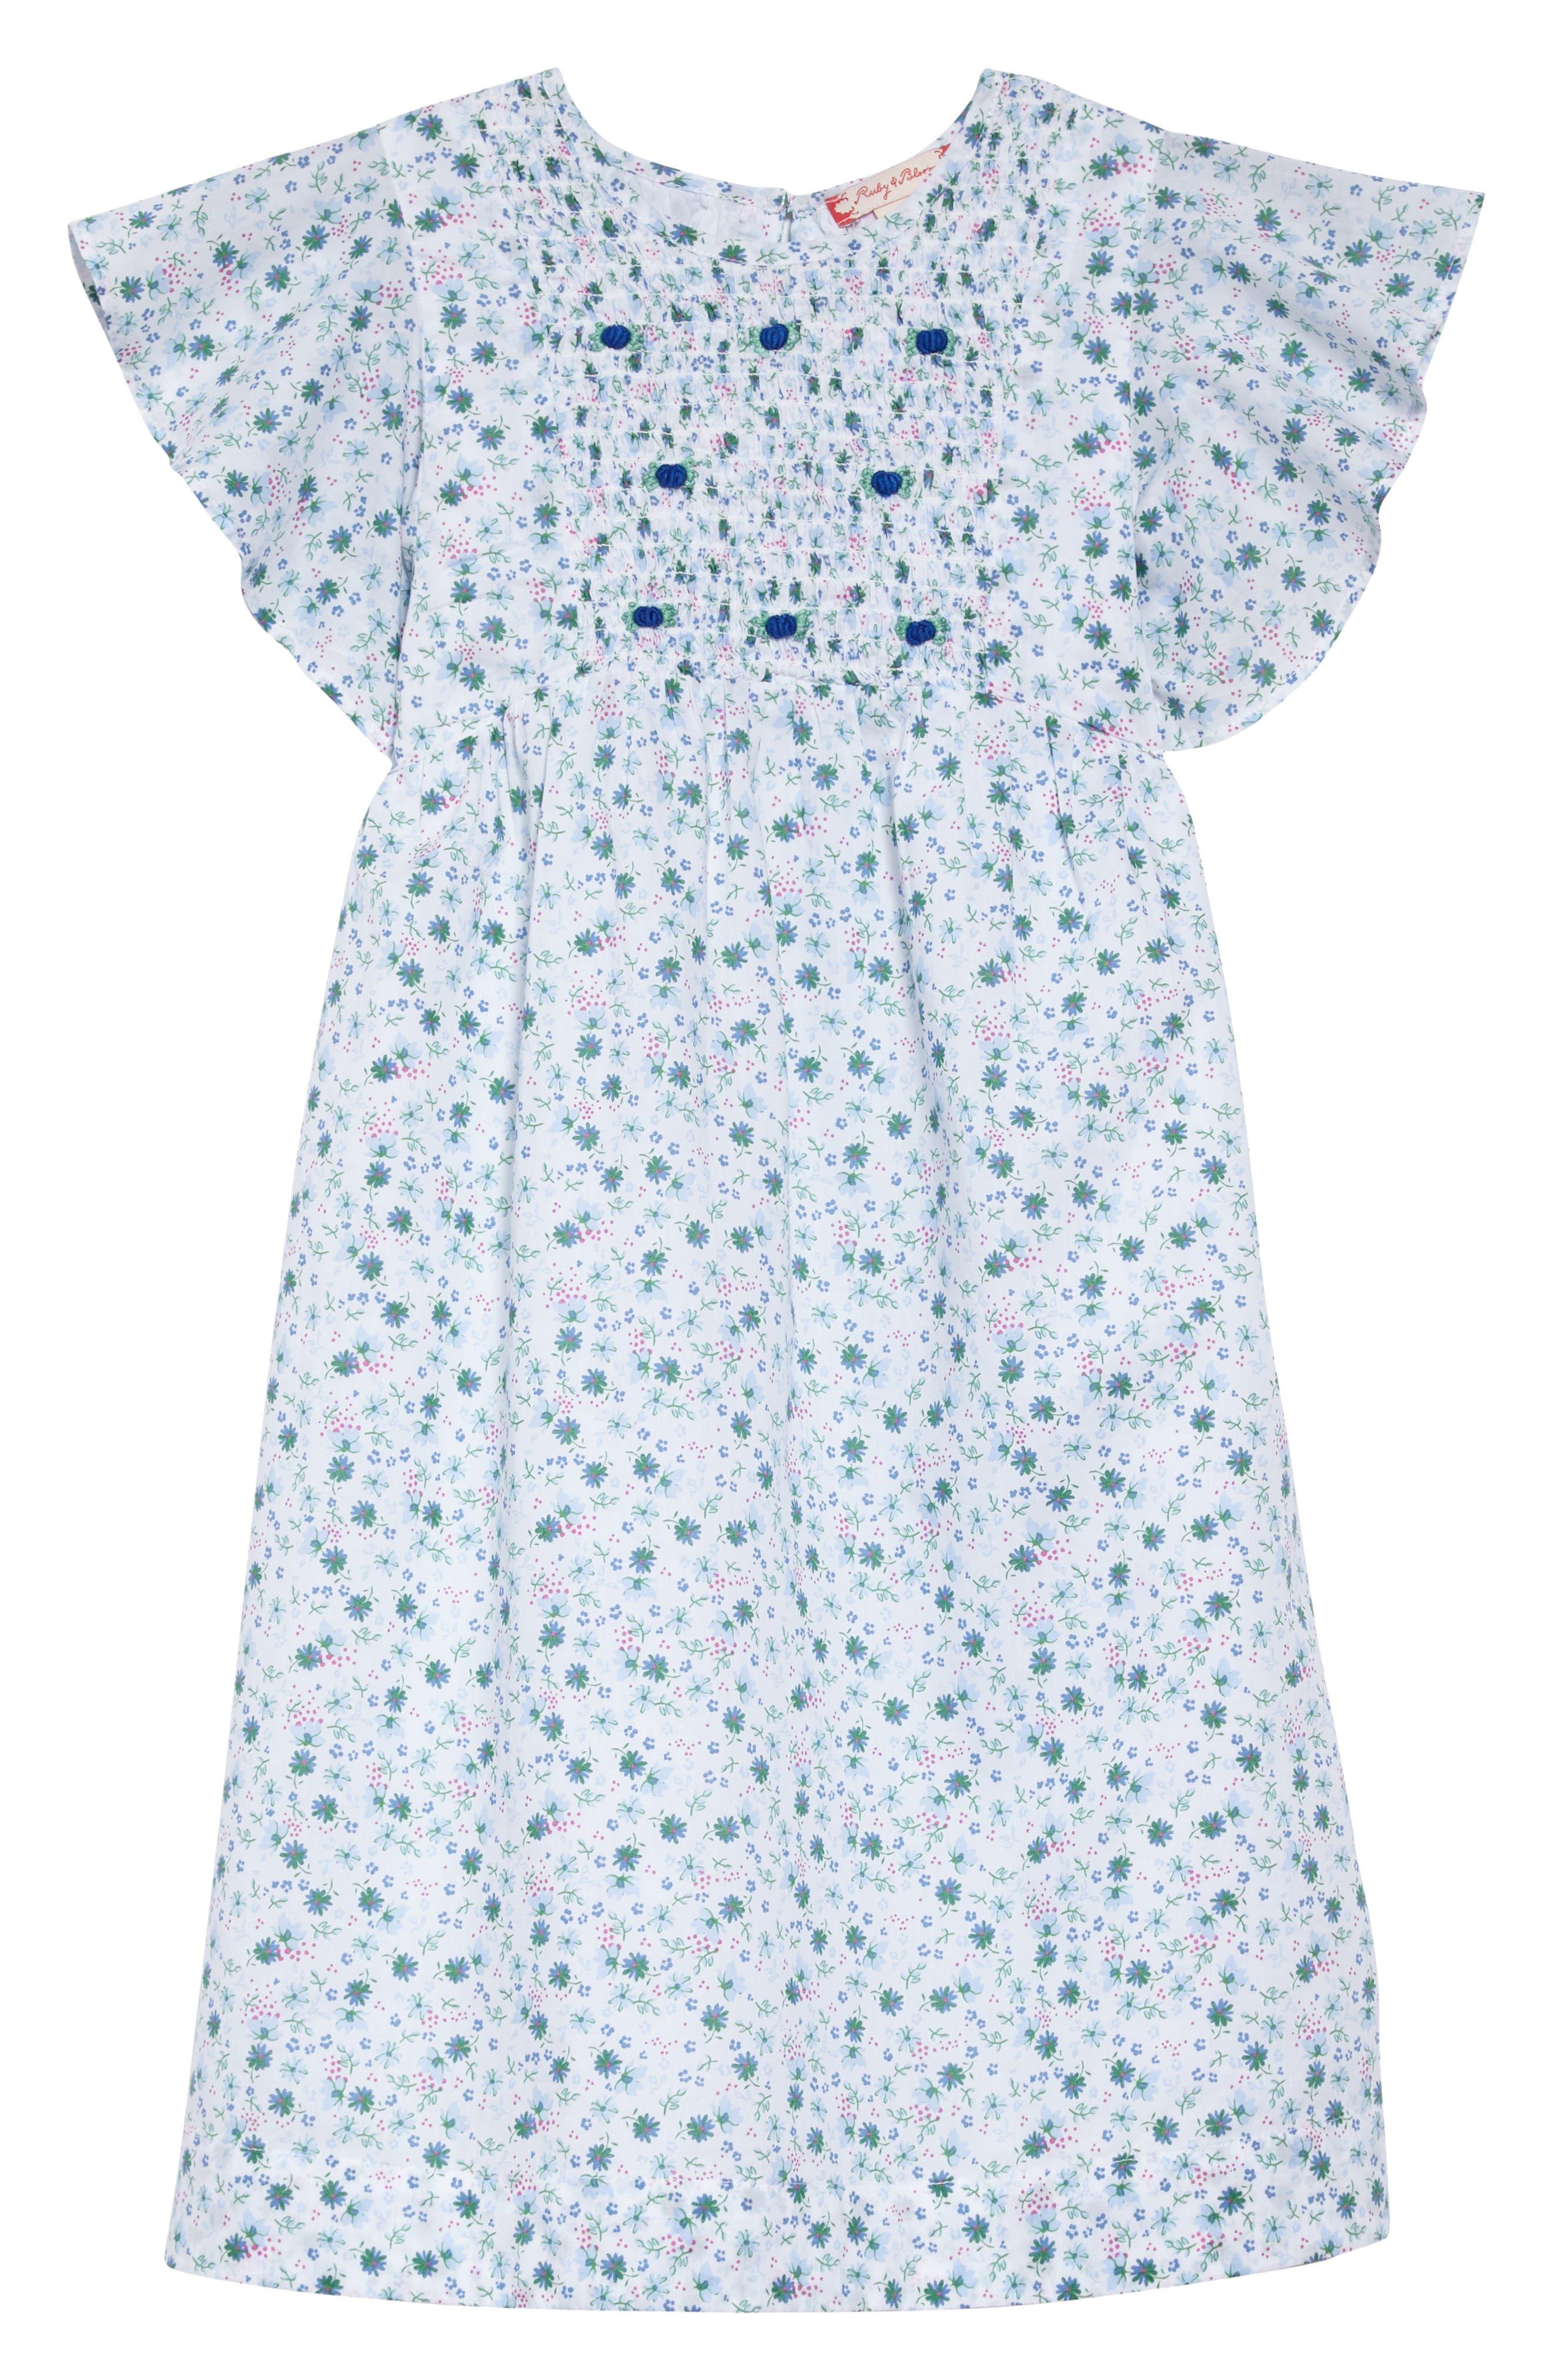 Floral Flutter Sleeve Dress,                             Main thumbnail 1, color,                             White Devon Floral